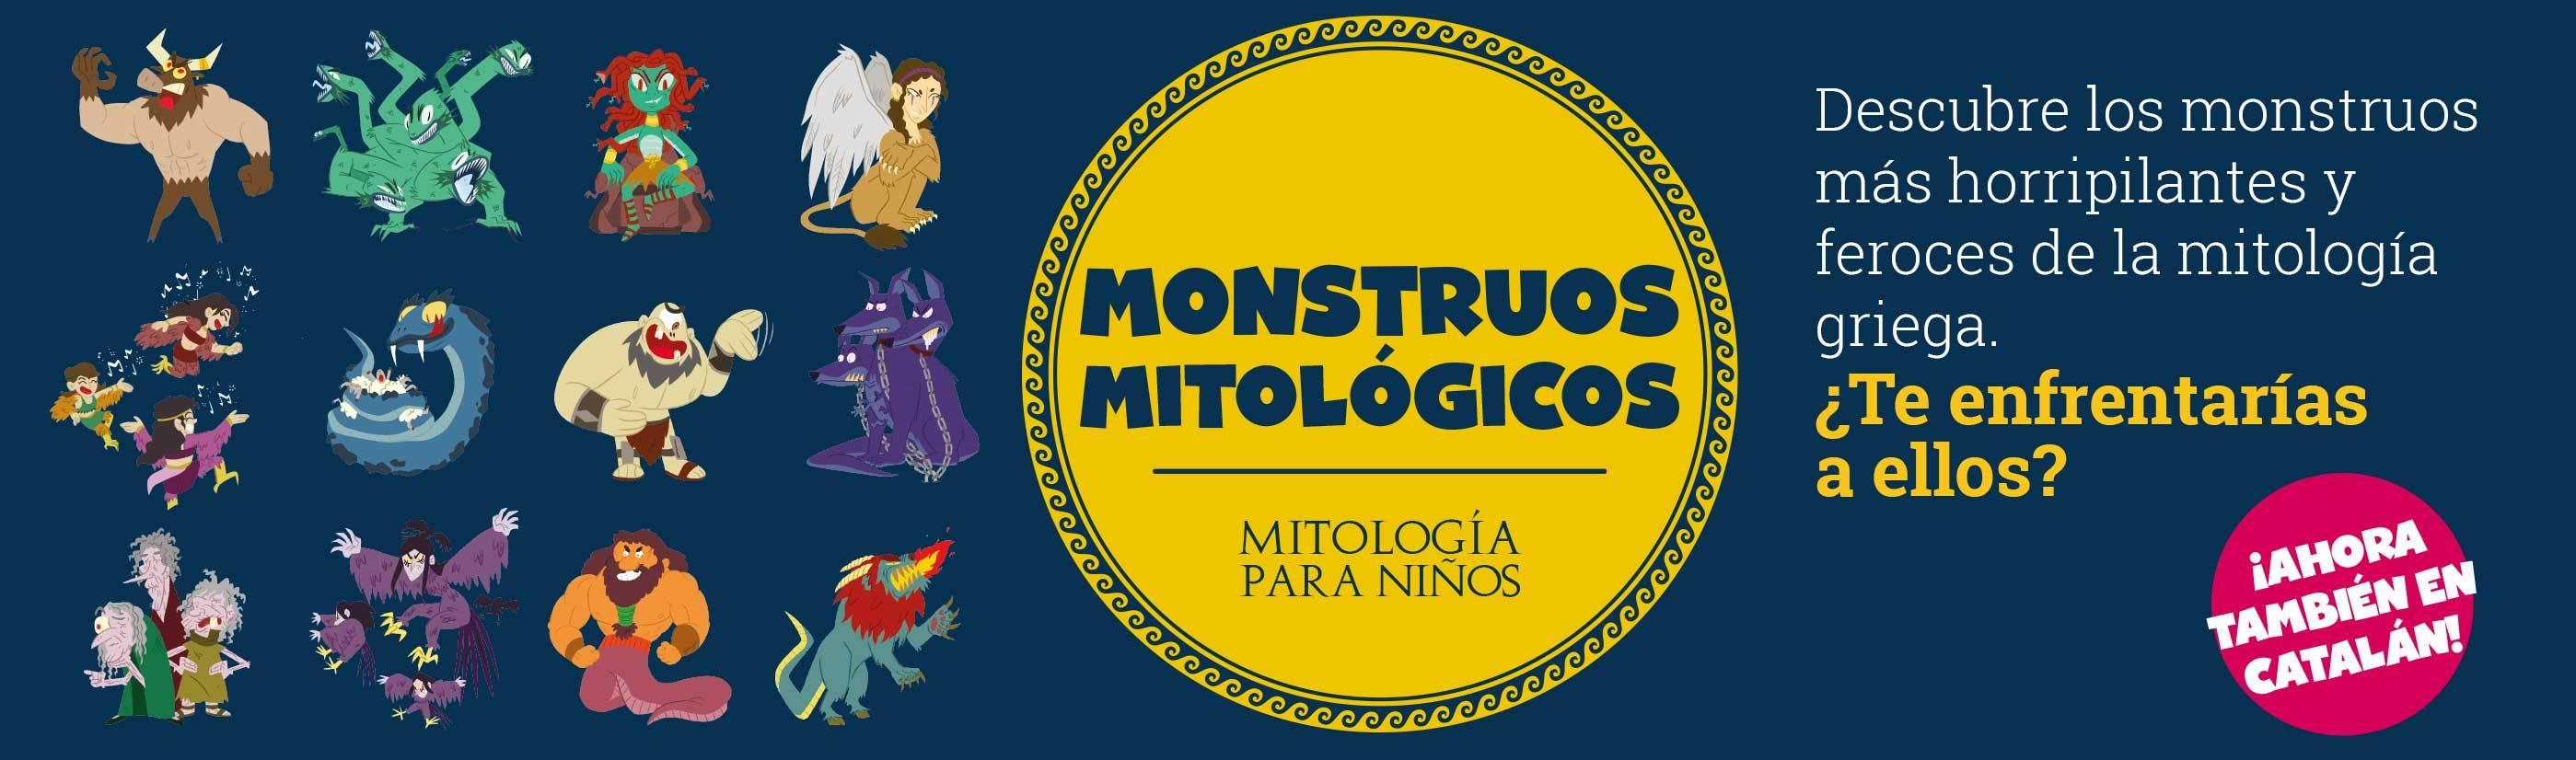 Monstruos mitológicos